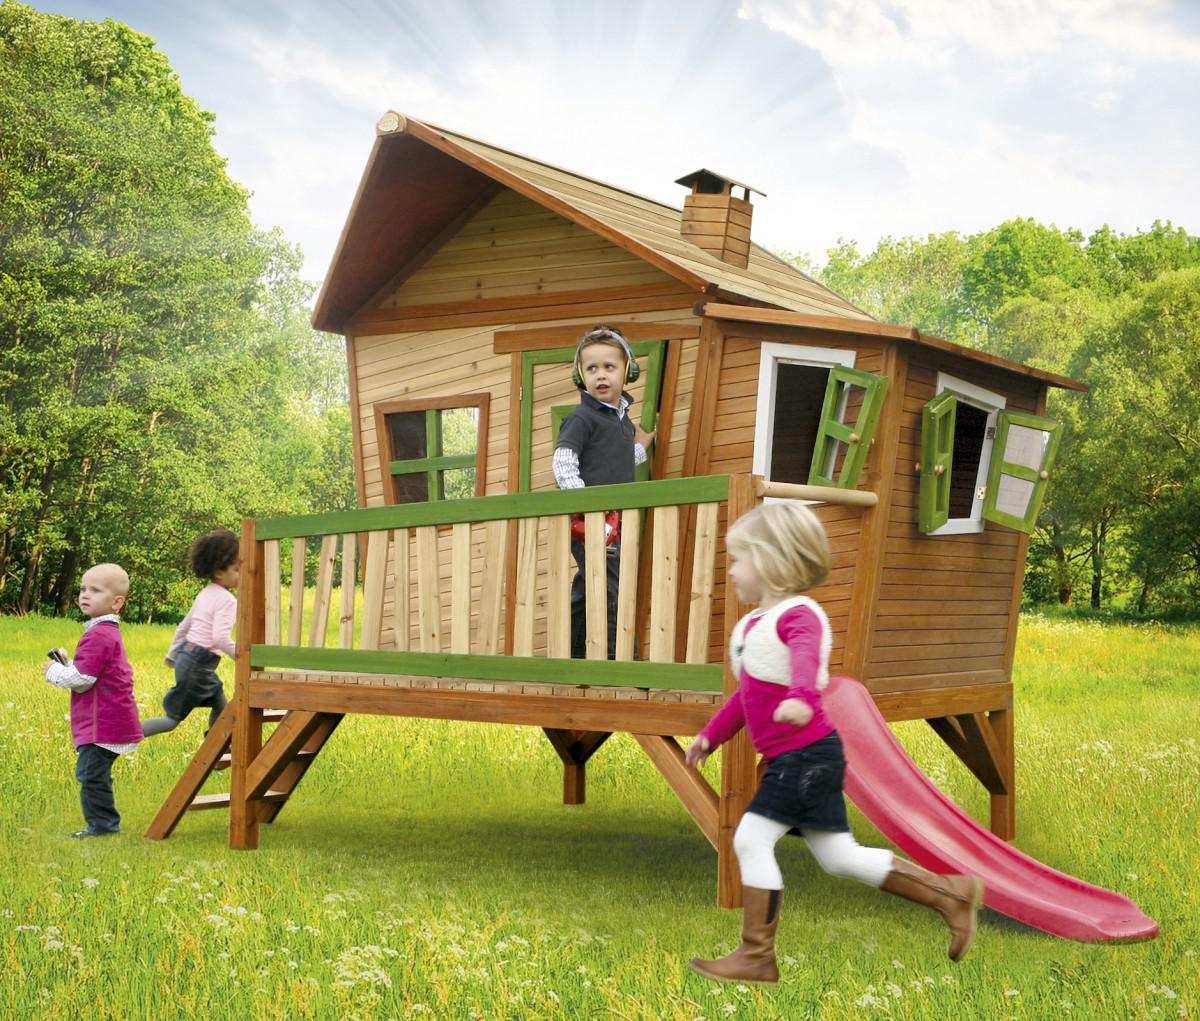 spielhaus mit rutsche und veranda holzspielhaus spielh tte f r kinder garten kaufen bei saku. Black Bedroom Furniture Sets. Home Design Ideas